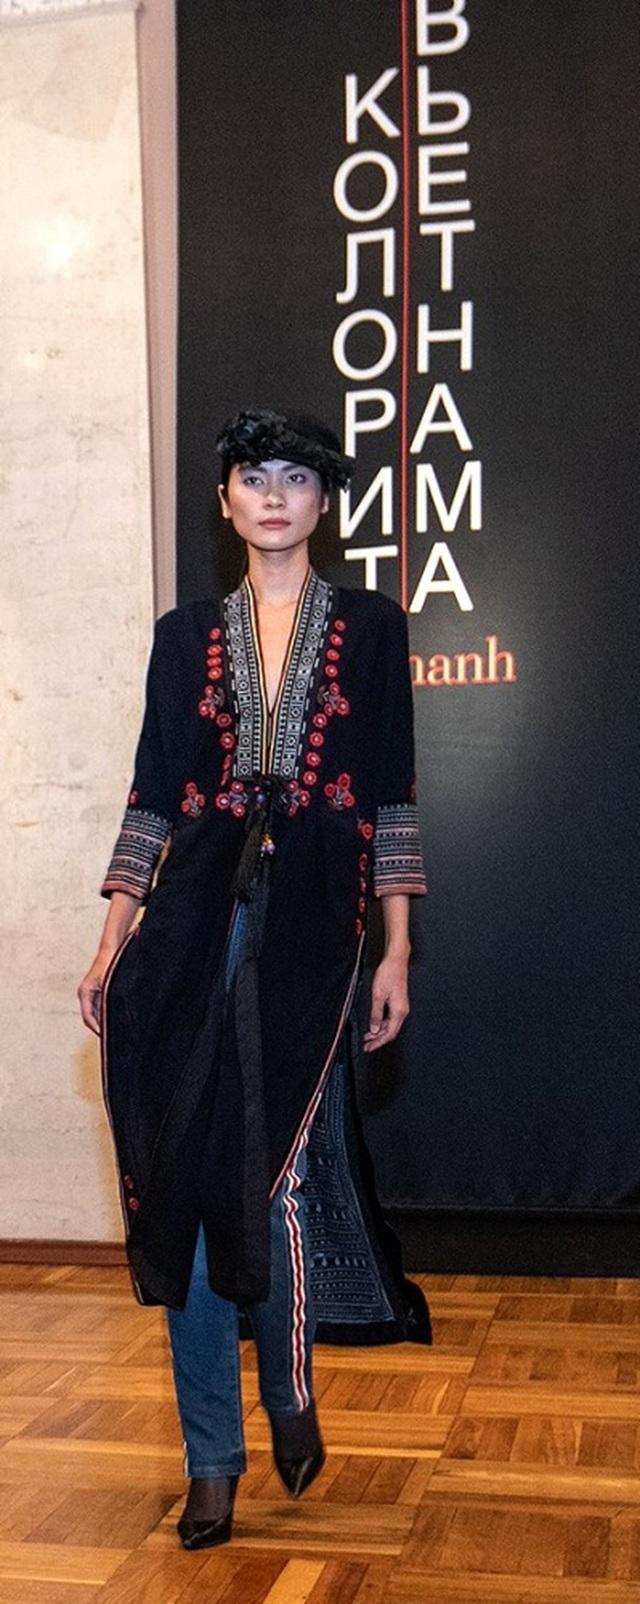 Rực rỡ áo dài Việt Nam, những mẫu thời trang đỉnh cao thu hút công chúng Nga - Ảnh minh hoạ 9